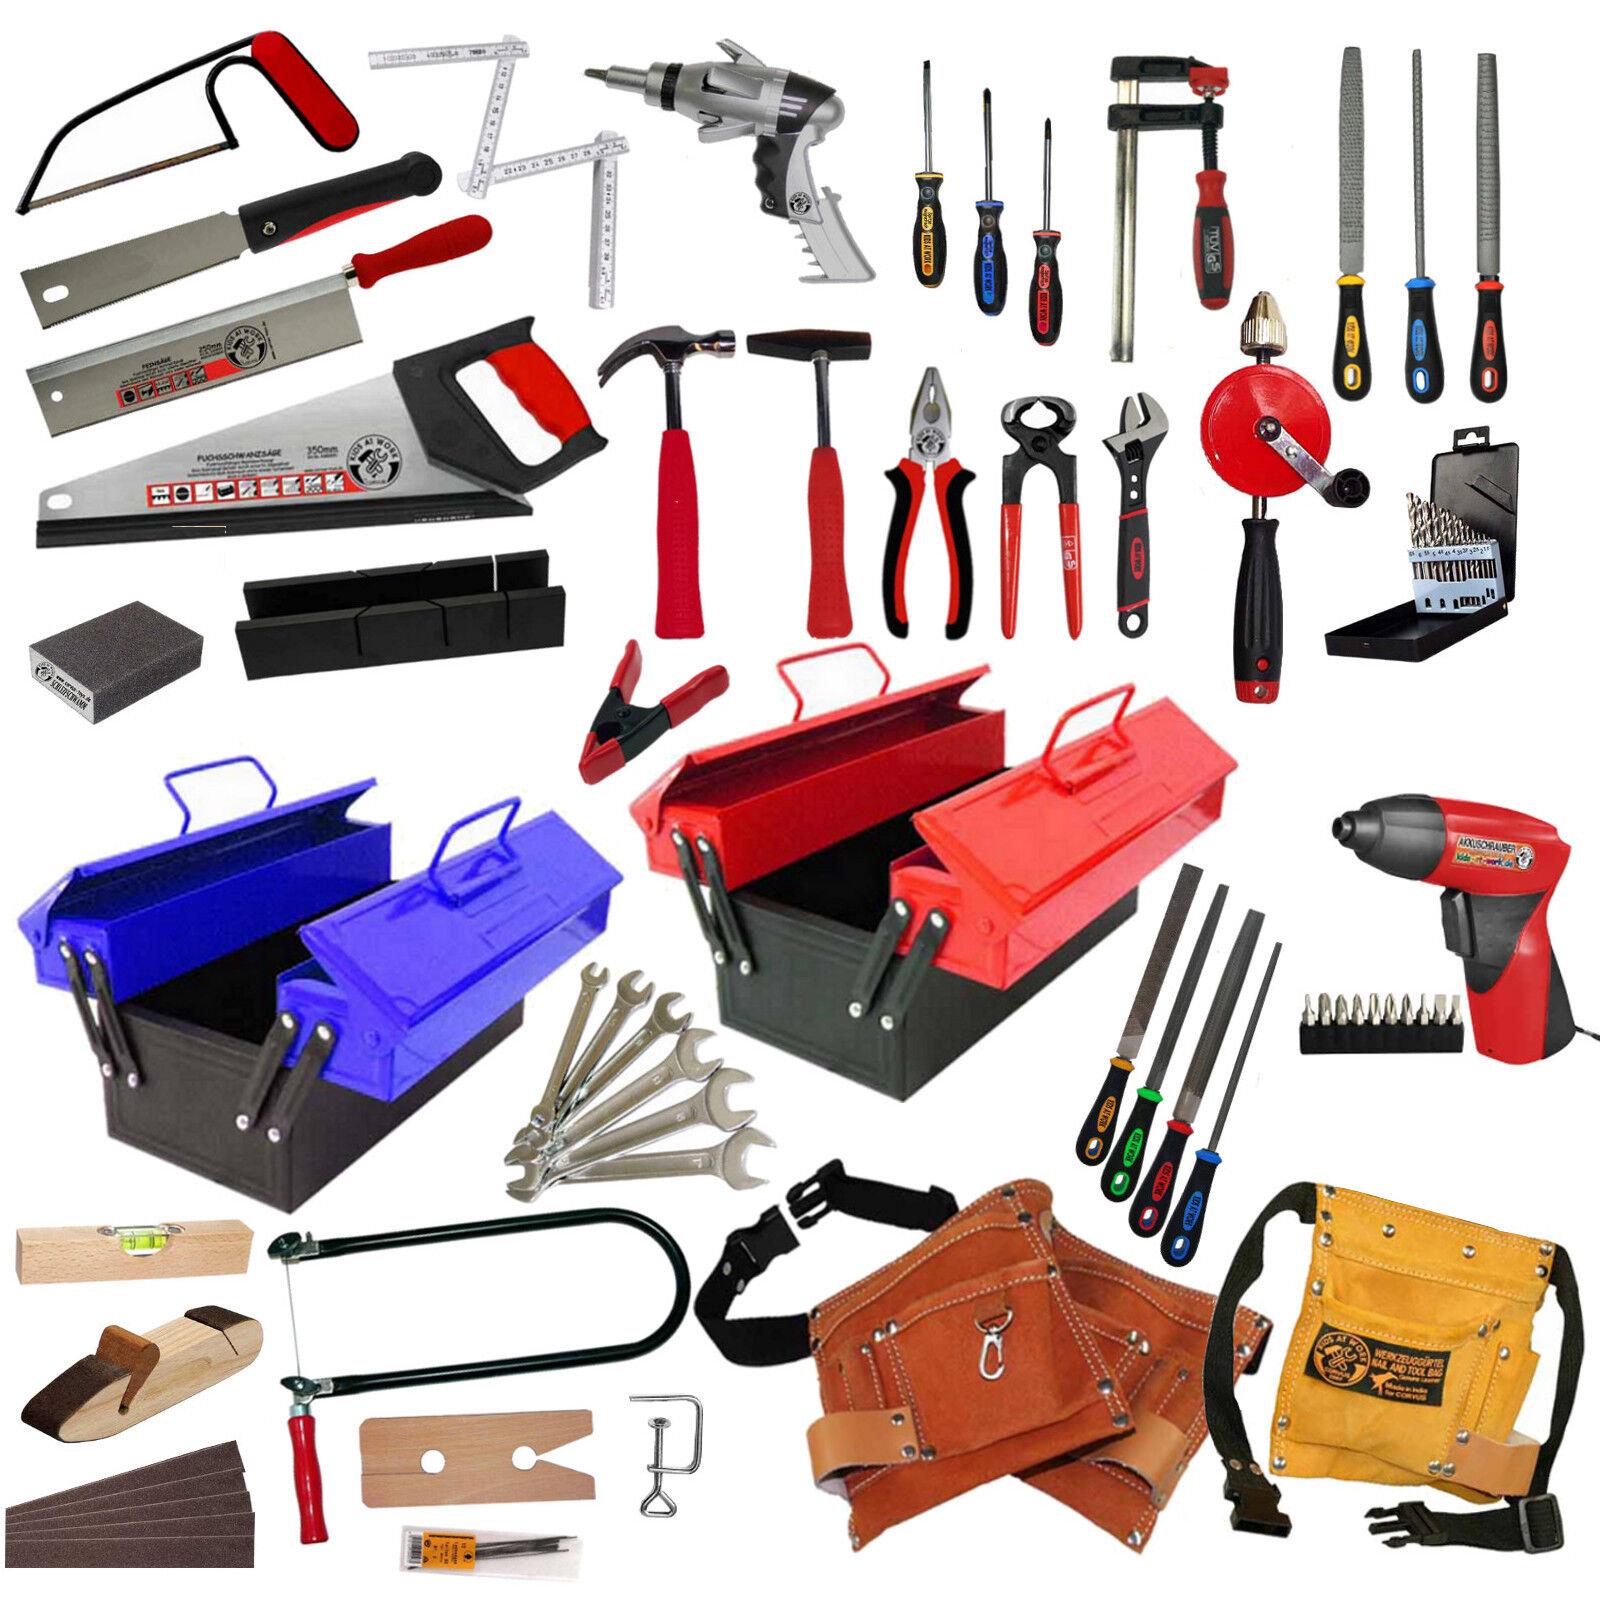 echtes Kinder Werkzeug Werkzeuggürtel Werkzeugkasten Akkuschrauber Säge Hammer